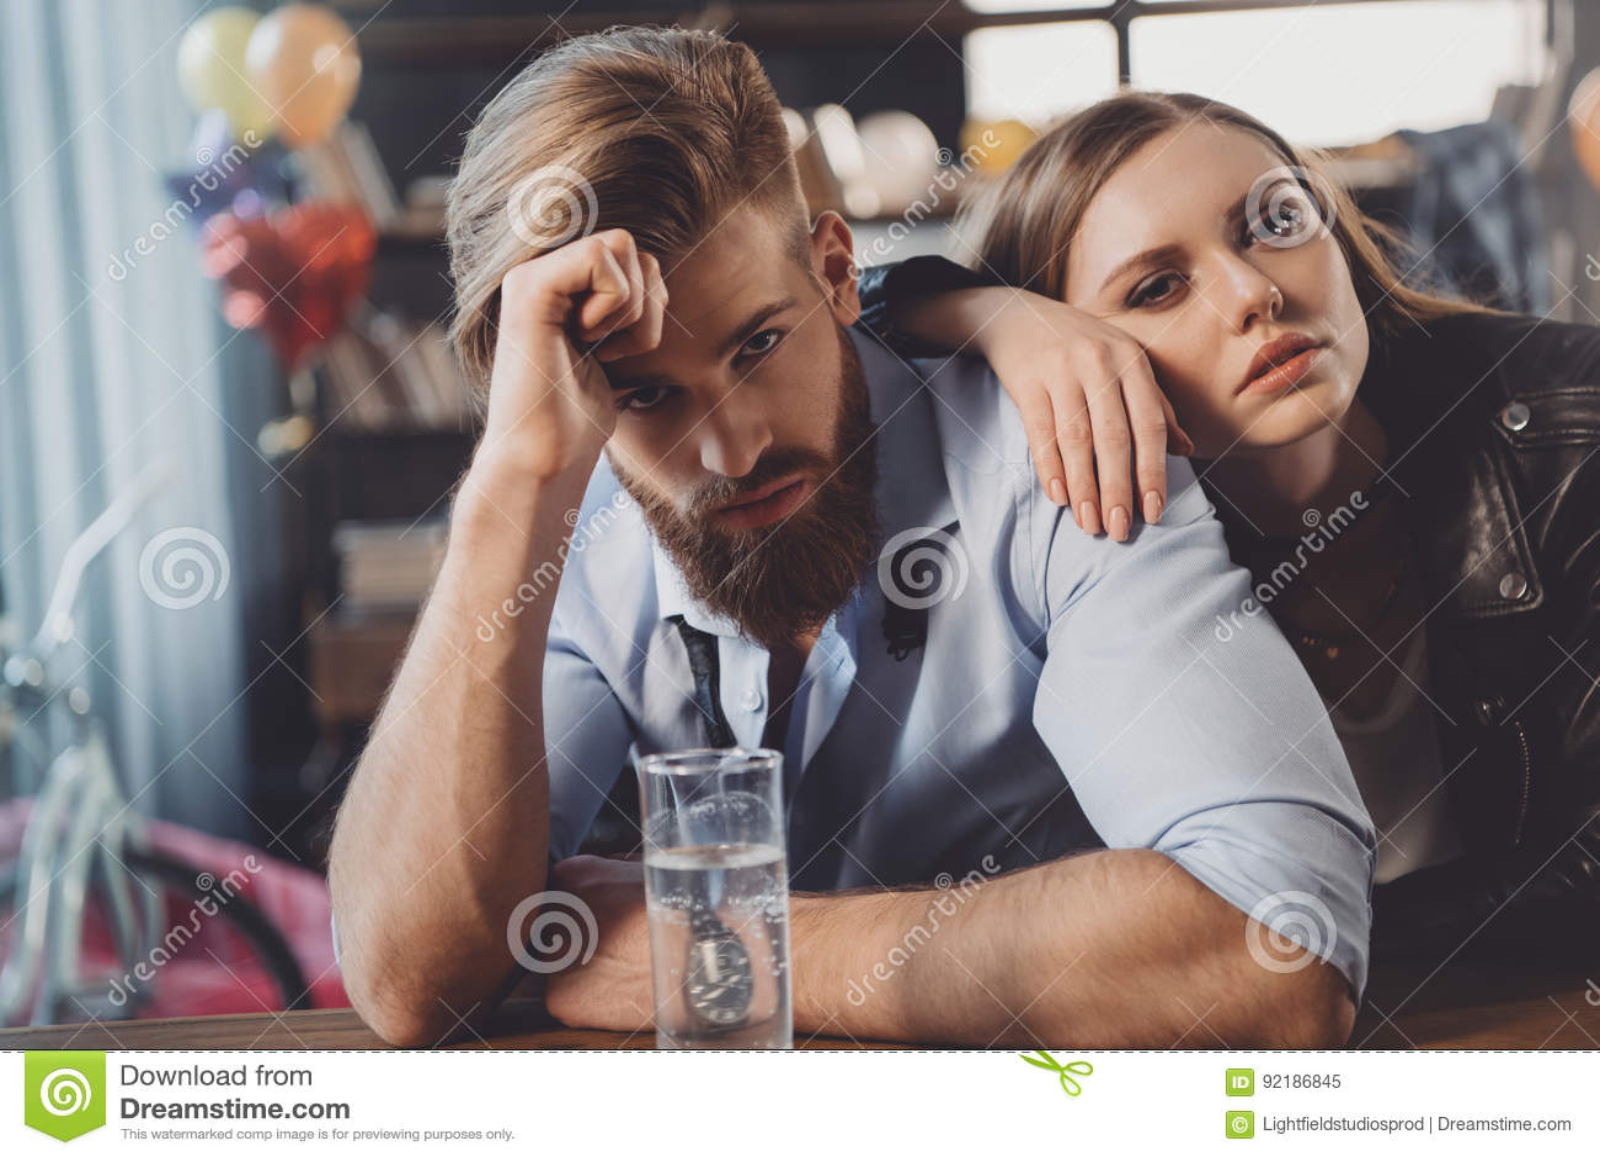 Man en vrouw met kater met geneesmiddelen in slordige ruimte